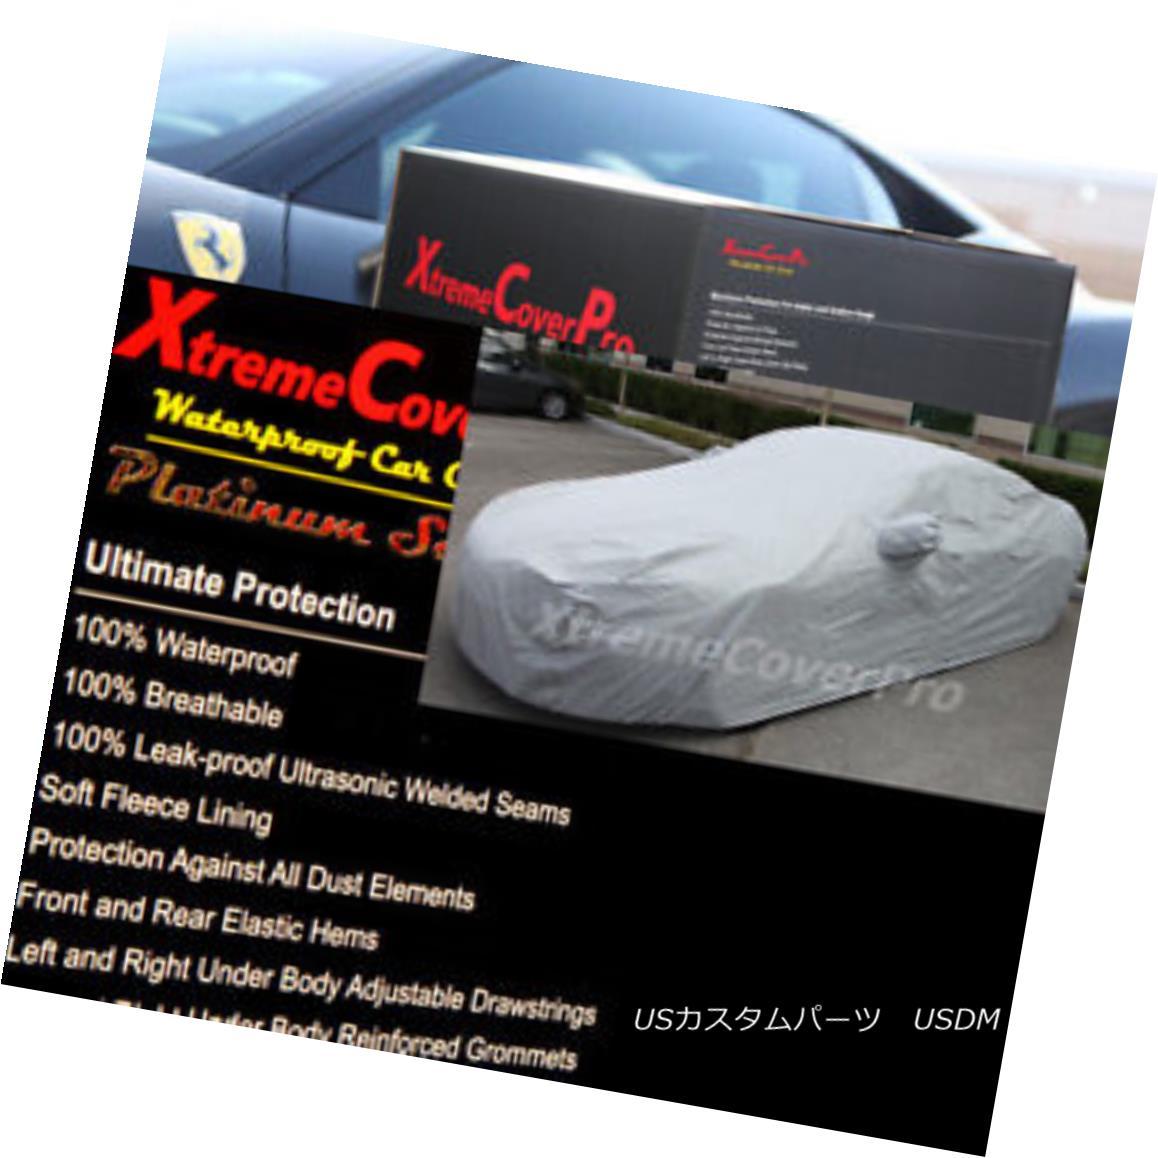 カーカバー 1992 1993 Mercedes-Benz 500E Waterproof Car Cover w/MirrorPocket 1992 1993 Mercedes-Benz 500E防水カーカバー付き/ MirrorPocket